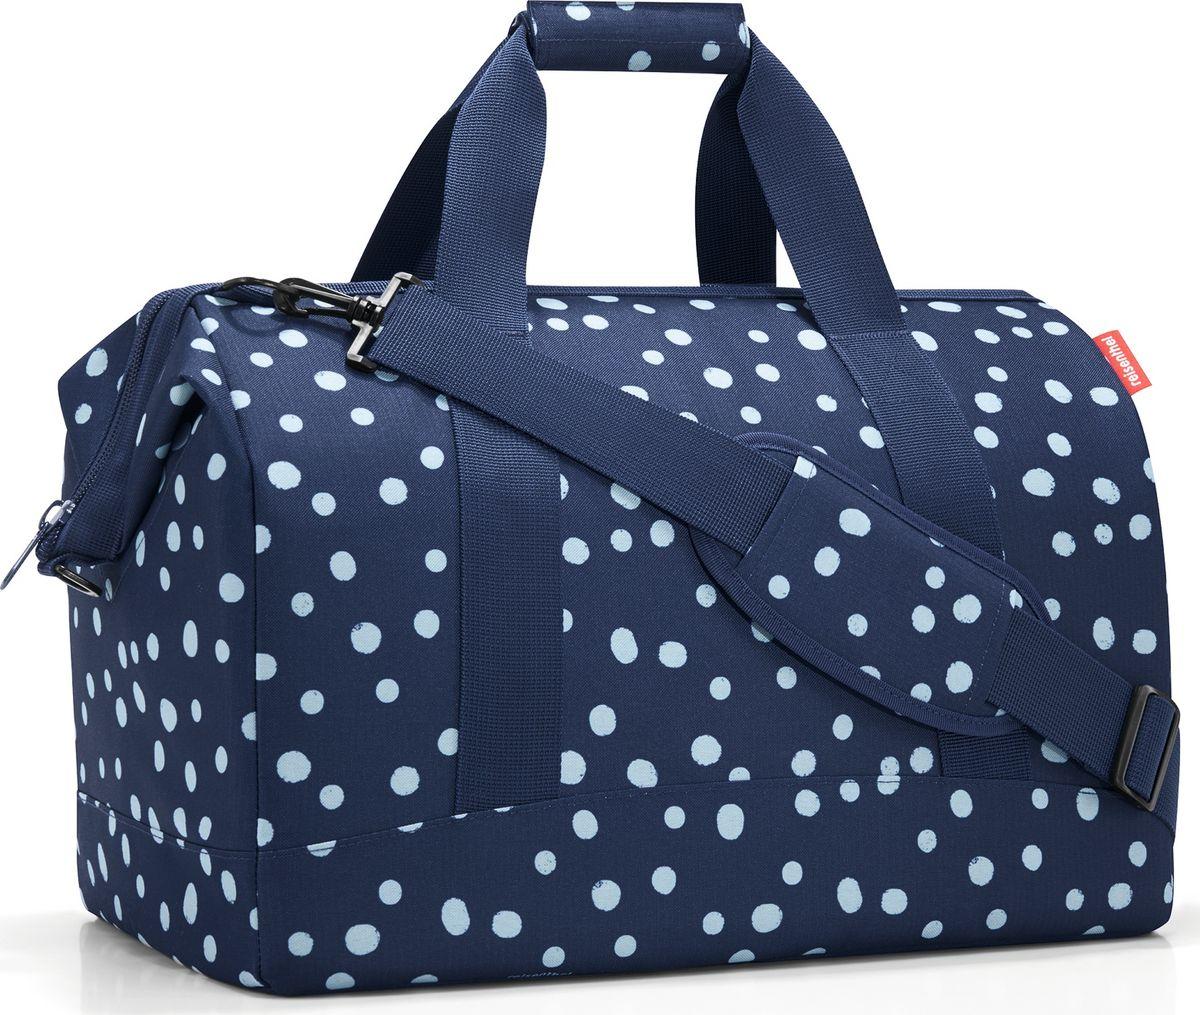 Сумка женская Reisenthel Allrounder L Spots, цвет: синий. MT4044101225Практичная и вместительная сумка для спорта и путешествий. Приятные объемные стенки и дно создают силуэт, напоминающий старинные врачебные саквояжи.- объемное основное отделение на молнии; - встроенные металлические скобы фиксируют сумку в открытом положении;- 6 внутренних карманов для организации вещей;- широкие ручки и широкая удобная лямка с регулируемой длиной;- объем – 30 литров.